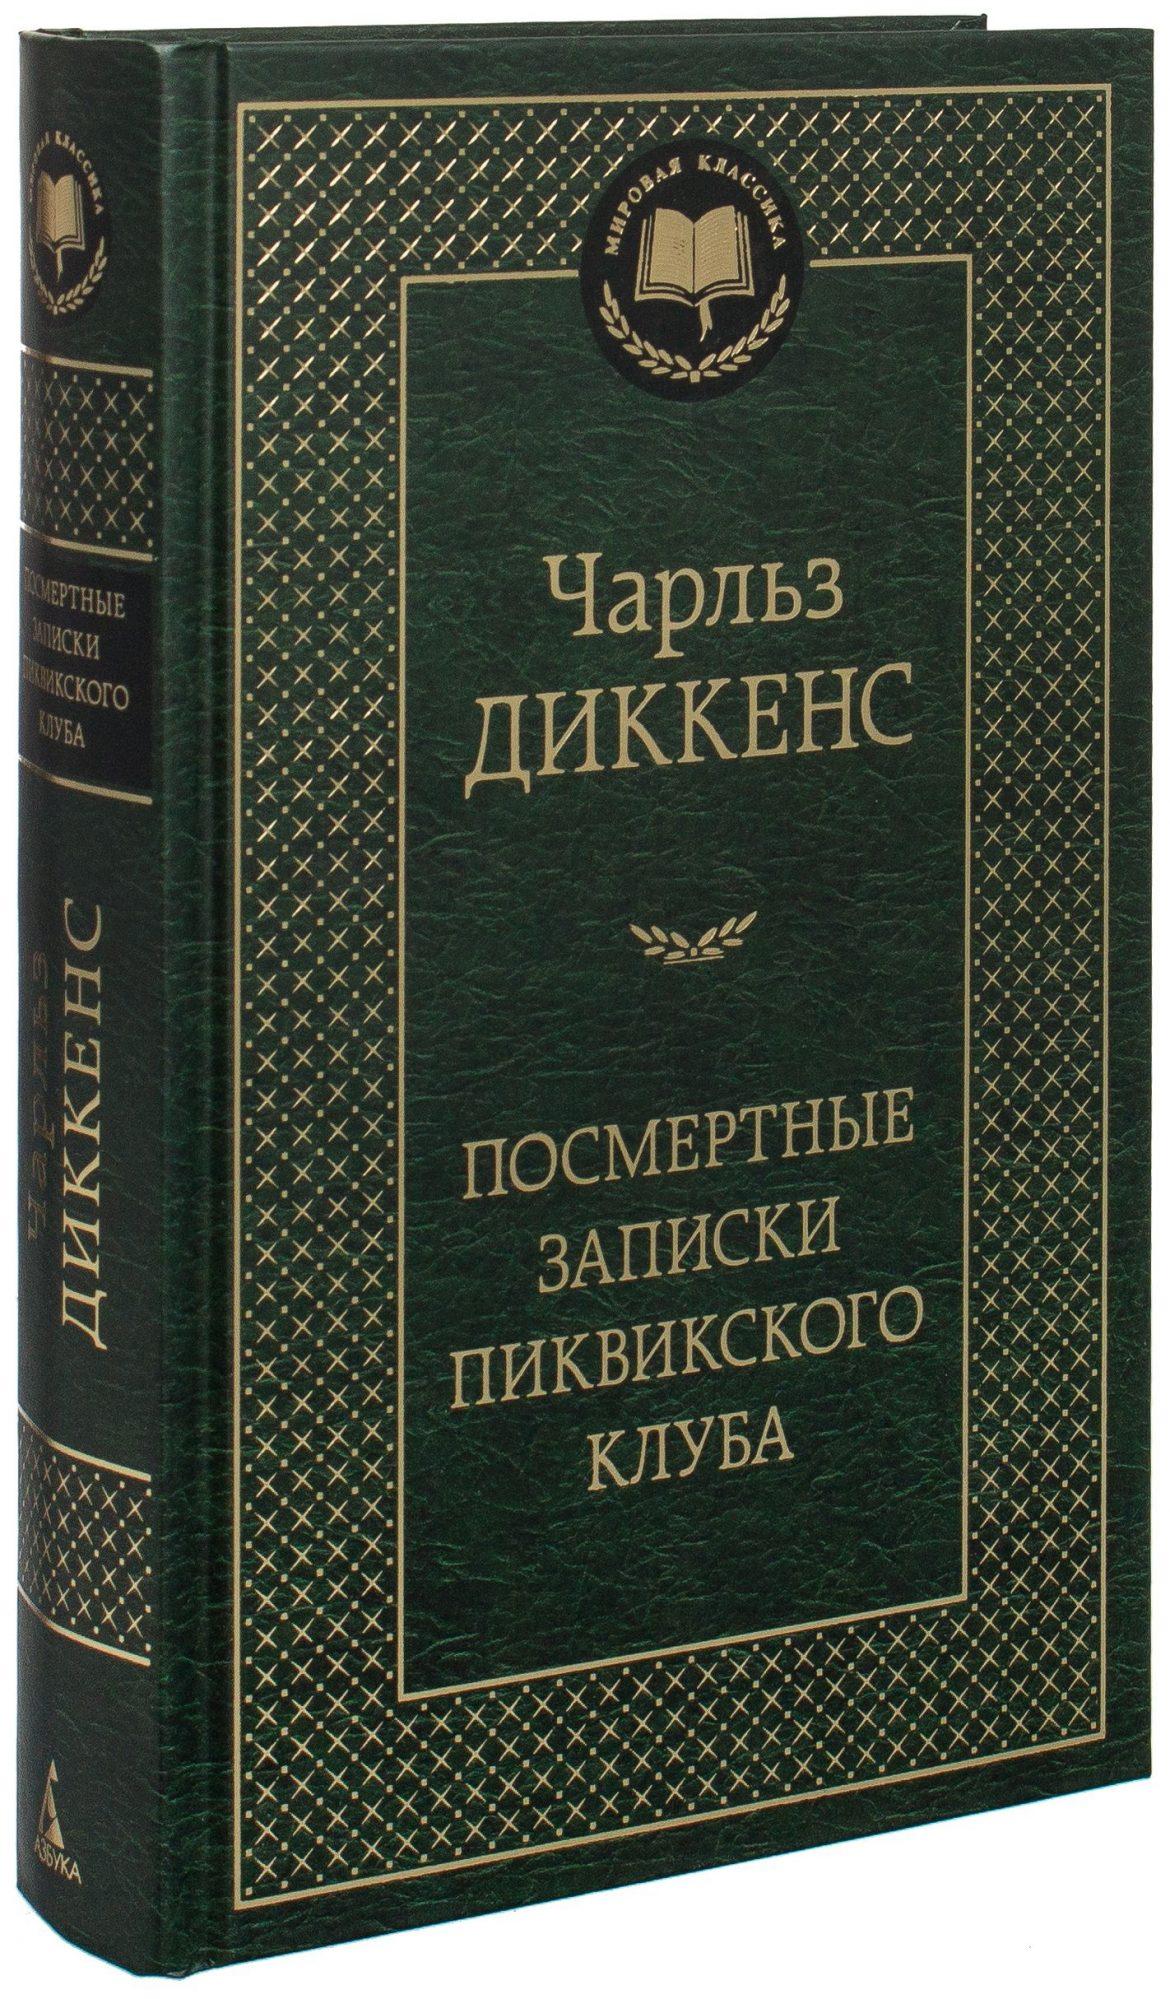 Посмертные записки Пиквикского клуба — Чарльз Диккенс